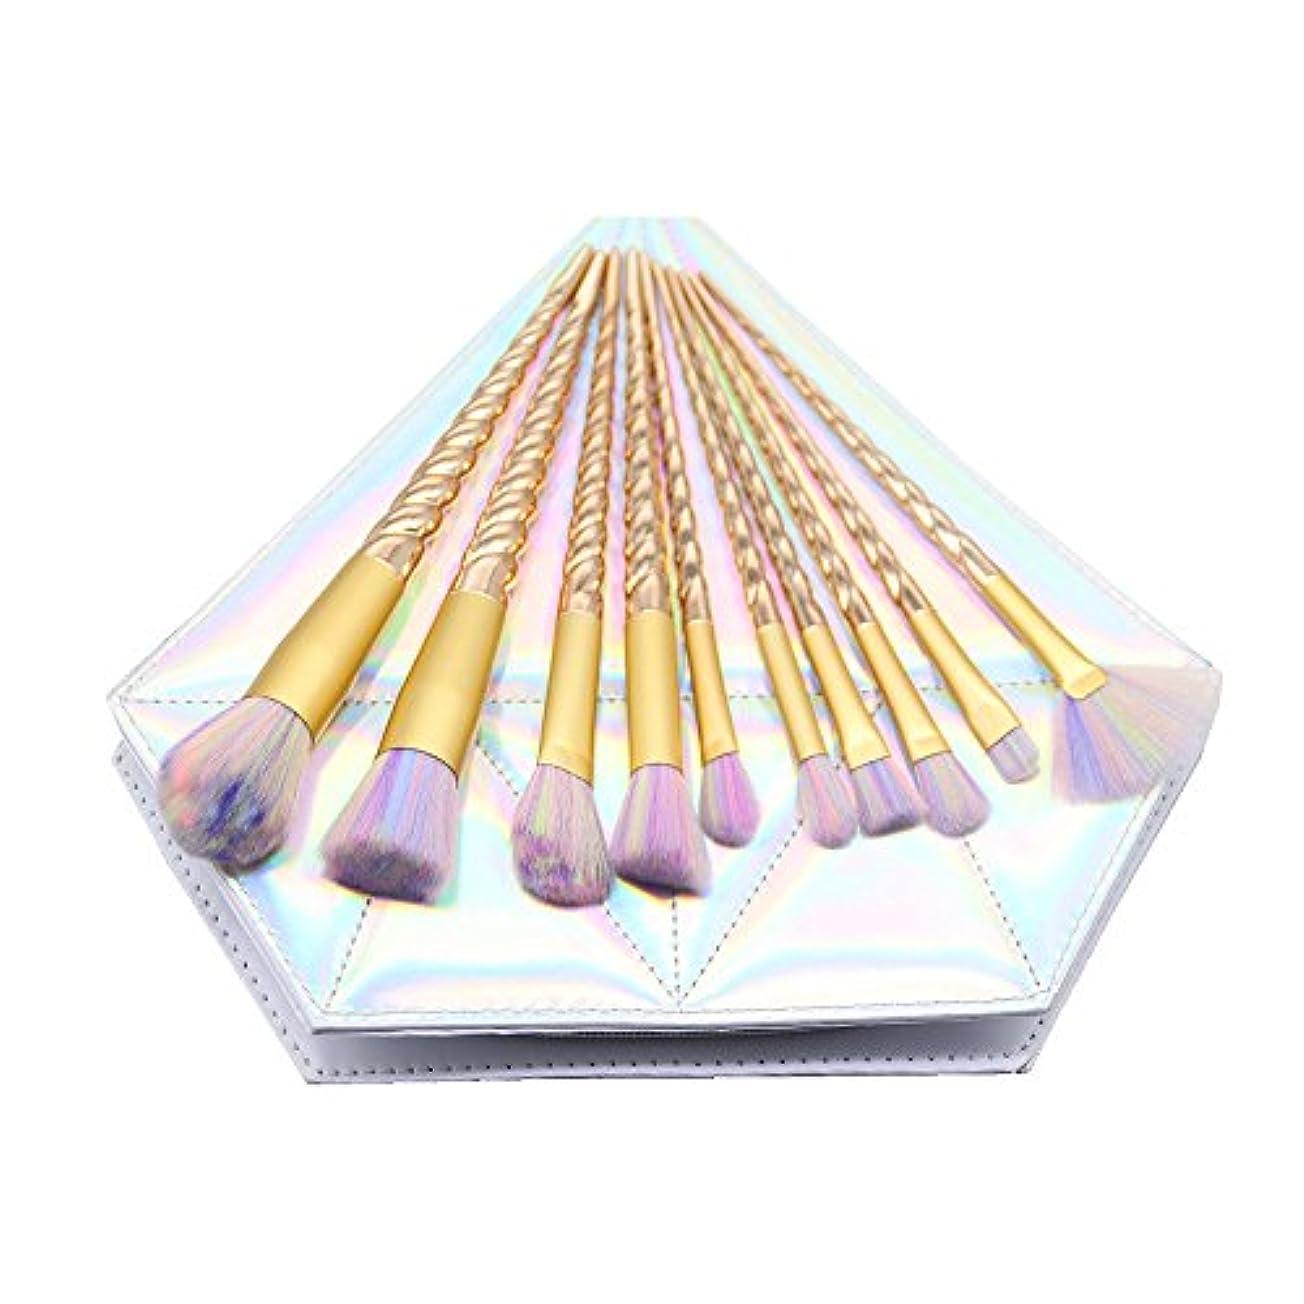 熟練した損失敵意Dilla Beauty メイクブラシセット 10本セット ユニコーンデザイン プラスチックハンドル 合成毛 ファンデーションブラシ アイシャドーブラッシャー 美容ツール 化粧品のバッグ付き